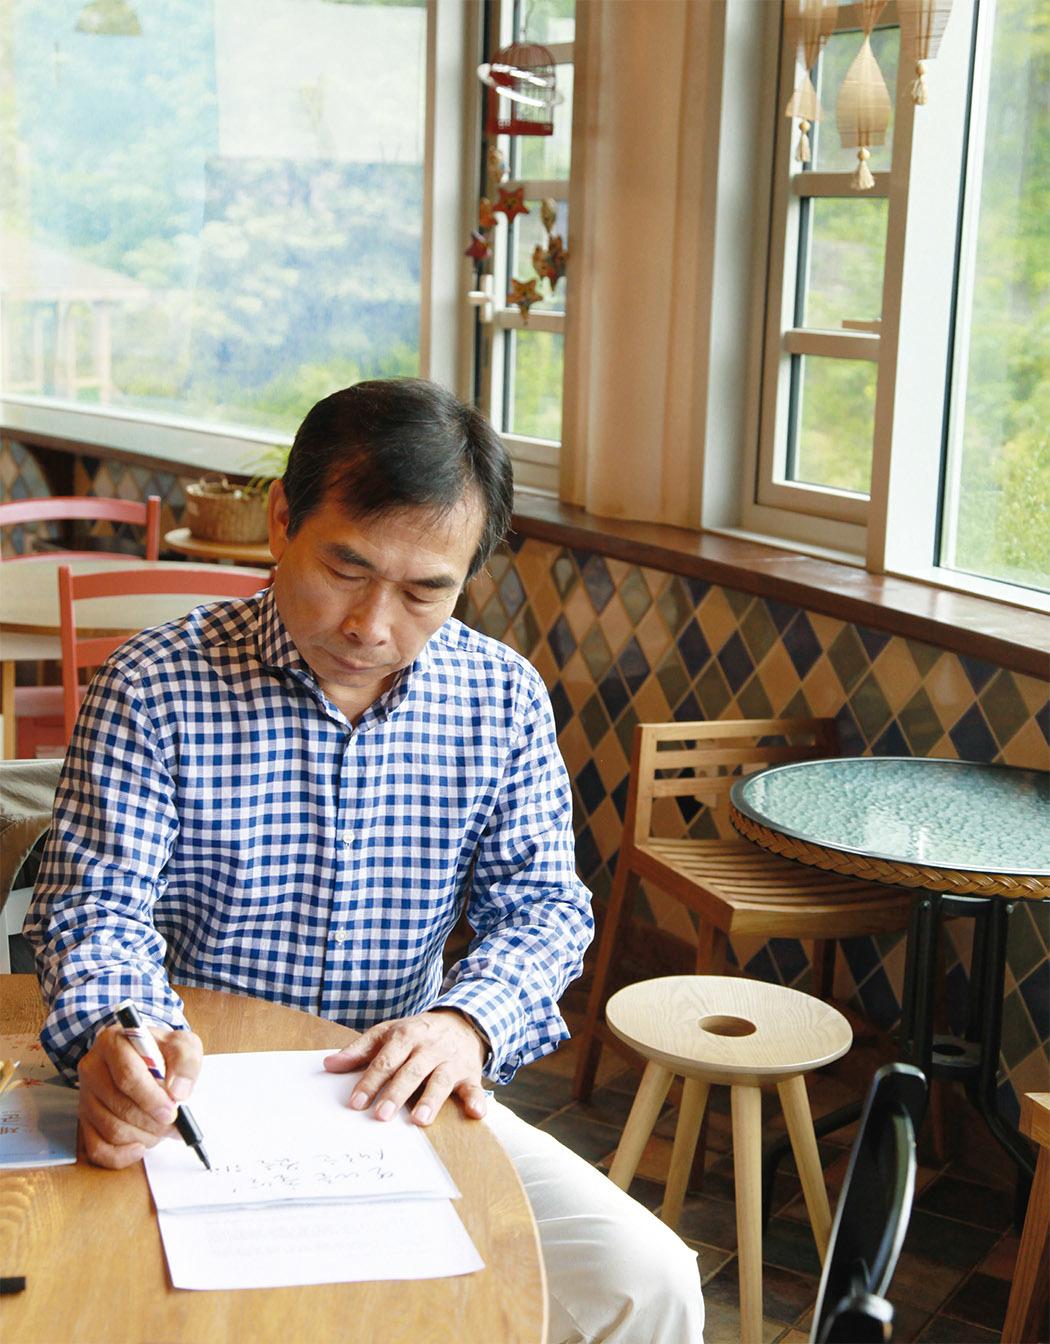 고도원은 2001년 시작해 지난 16년간 하루도 빼지 않고 '고도원의 아침 편지'를 쓰고 있다. 그가 절대고독 속에서 길어낸 가슴 속 고갱이들이다.